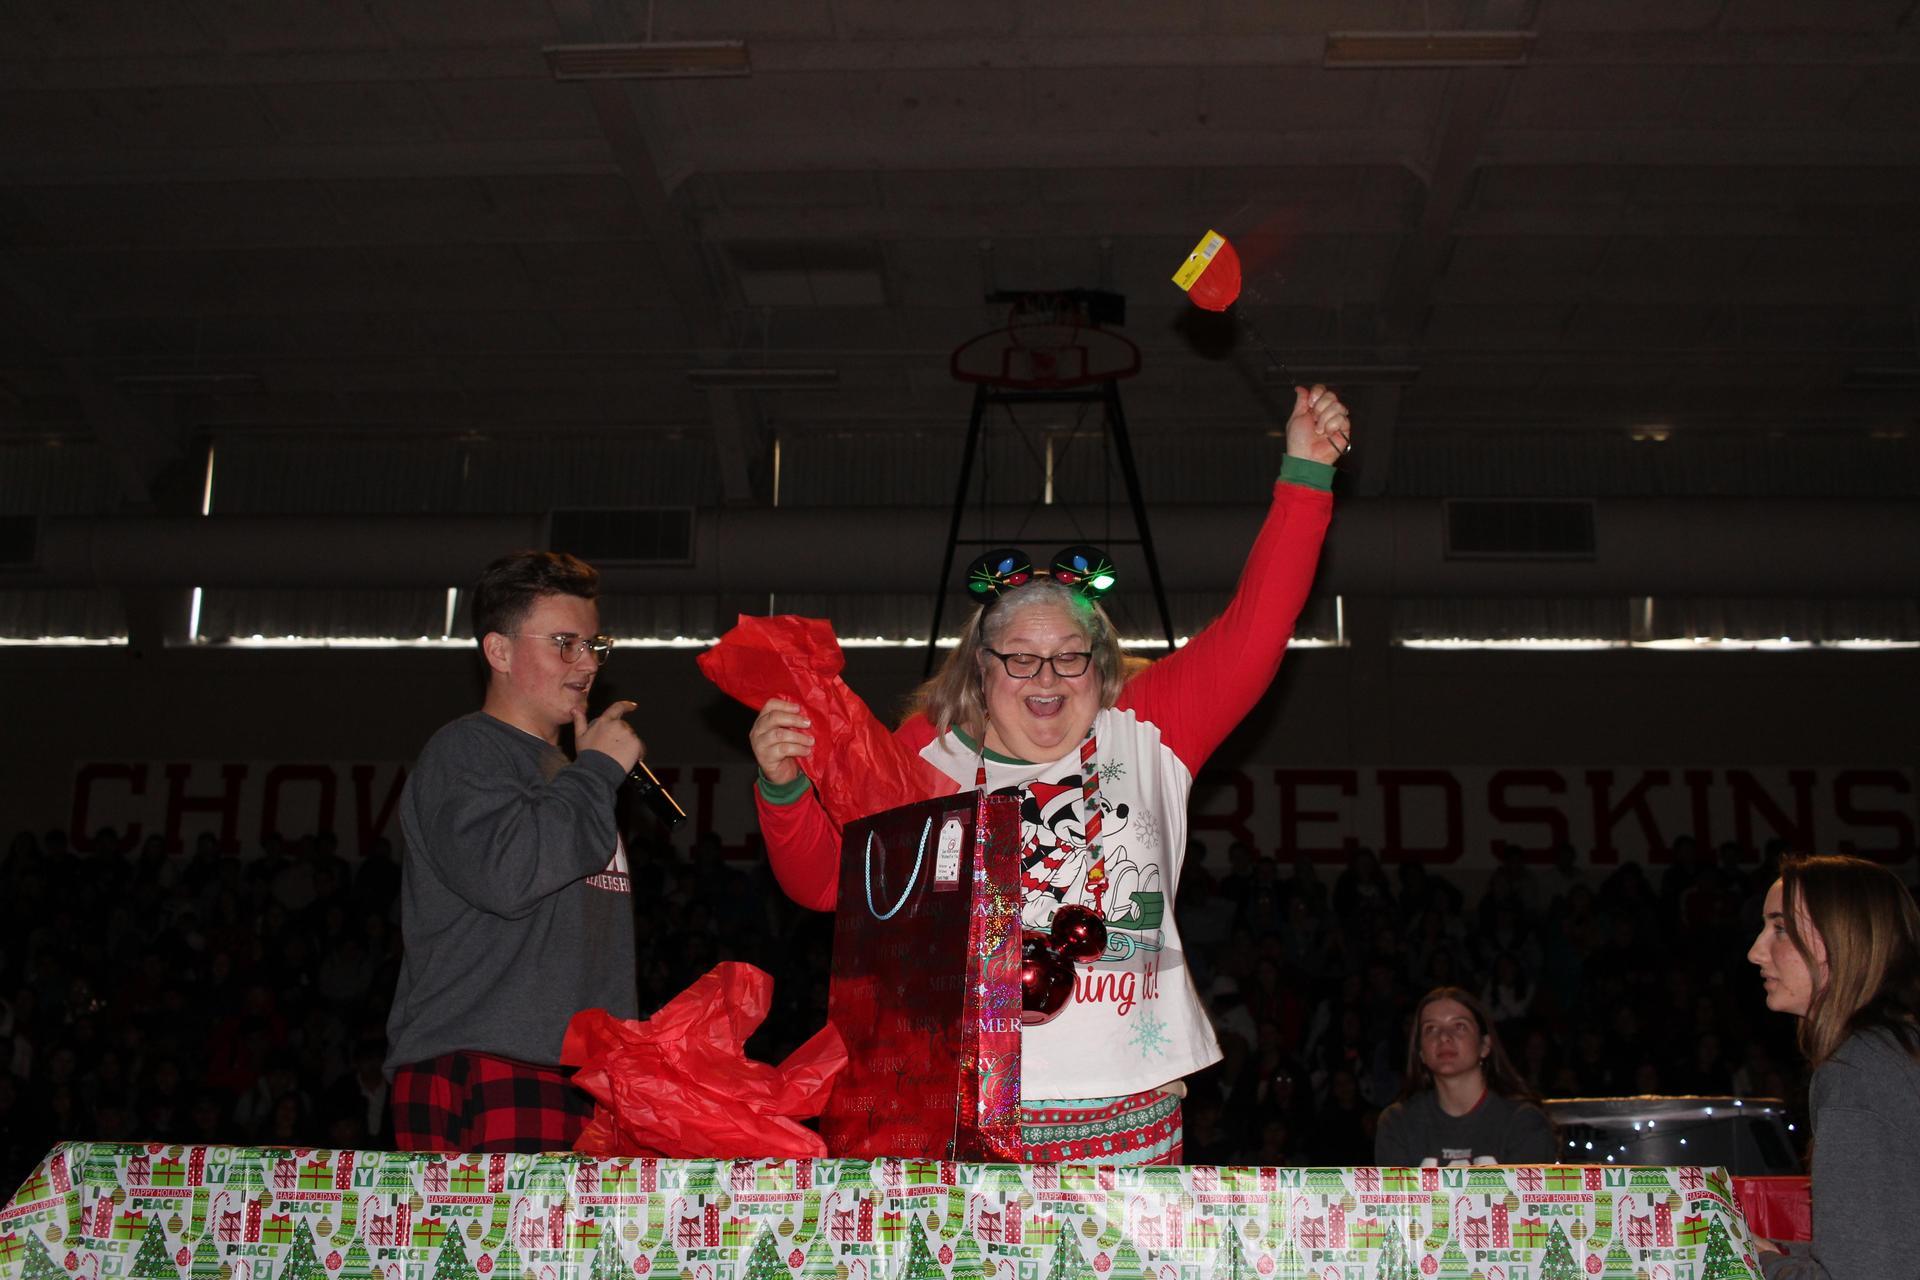 Ms. Freitas opening her gift